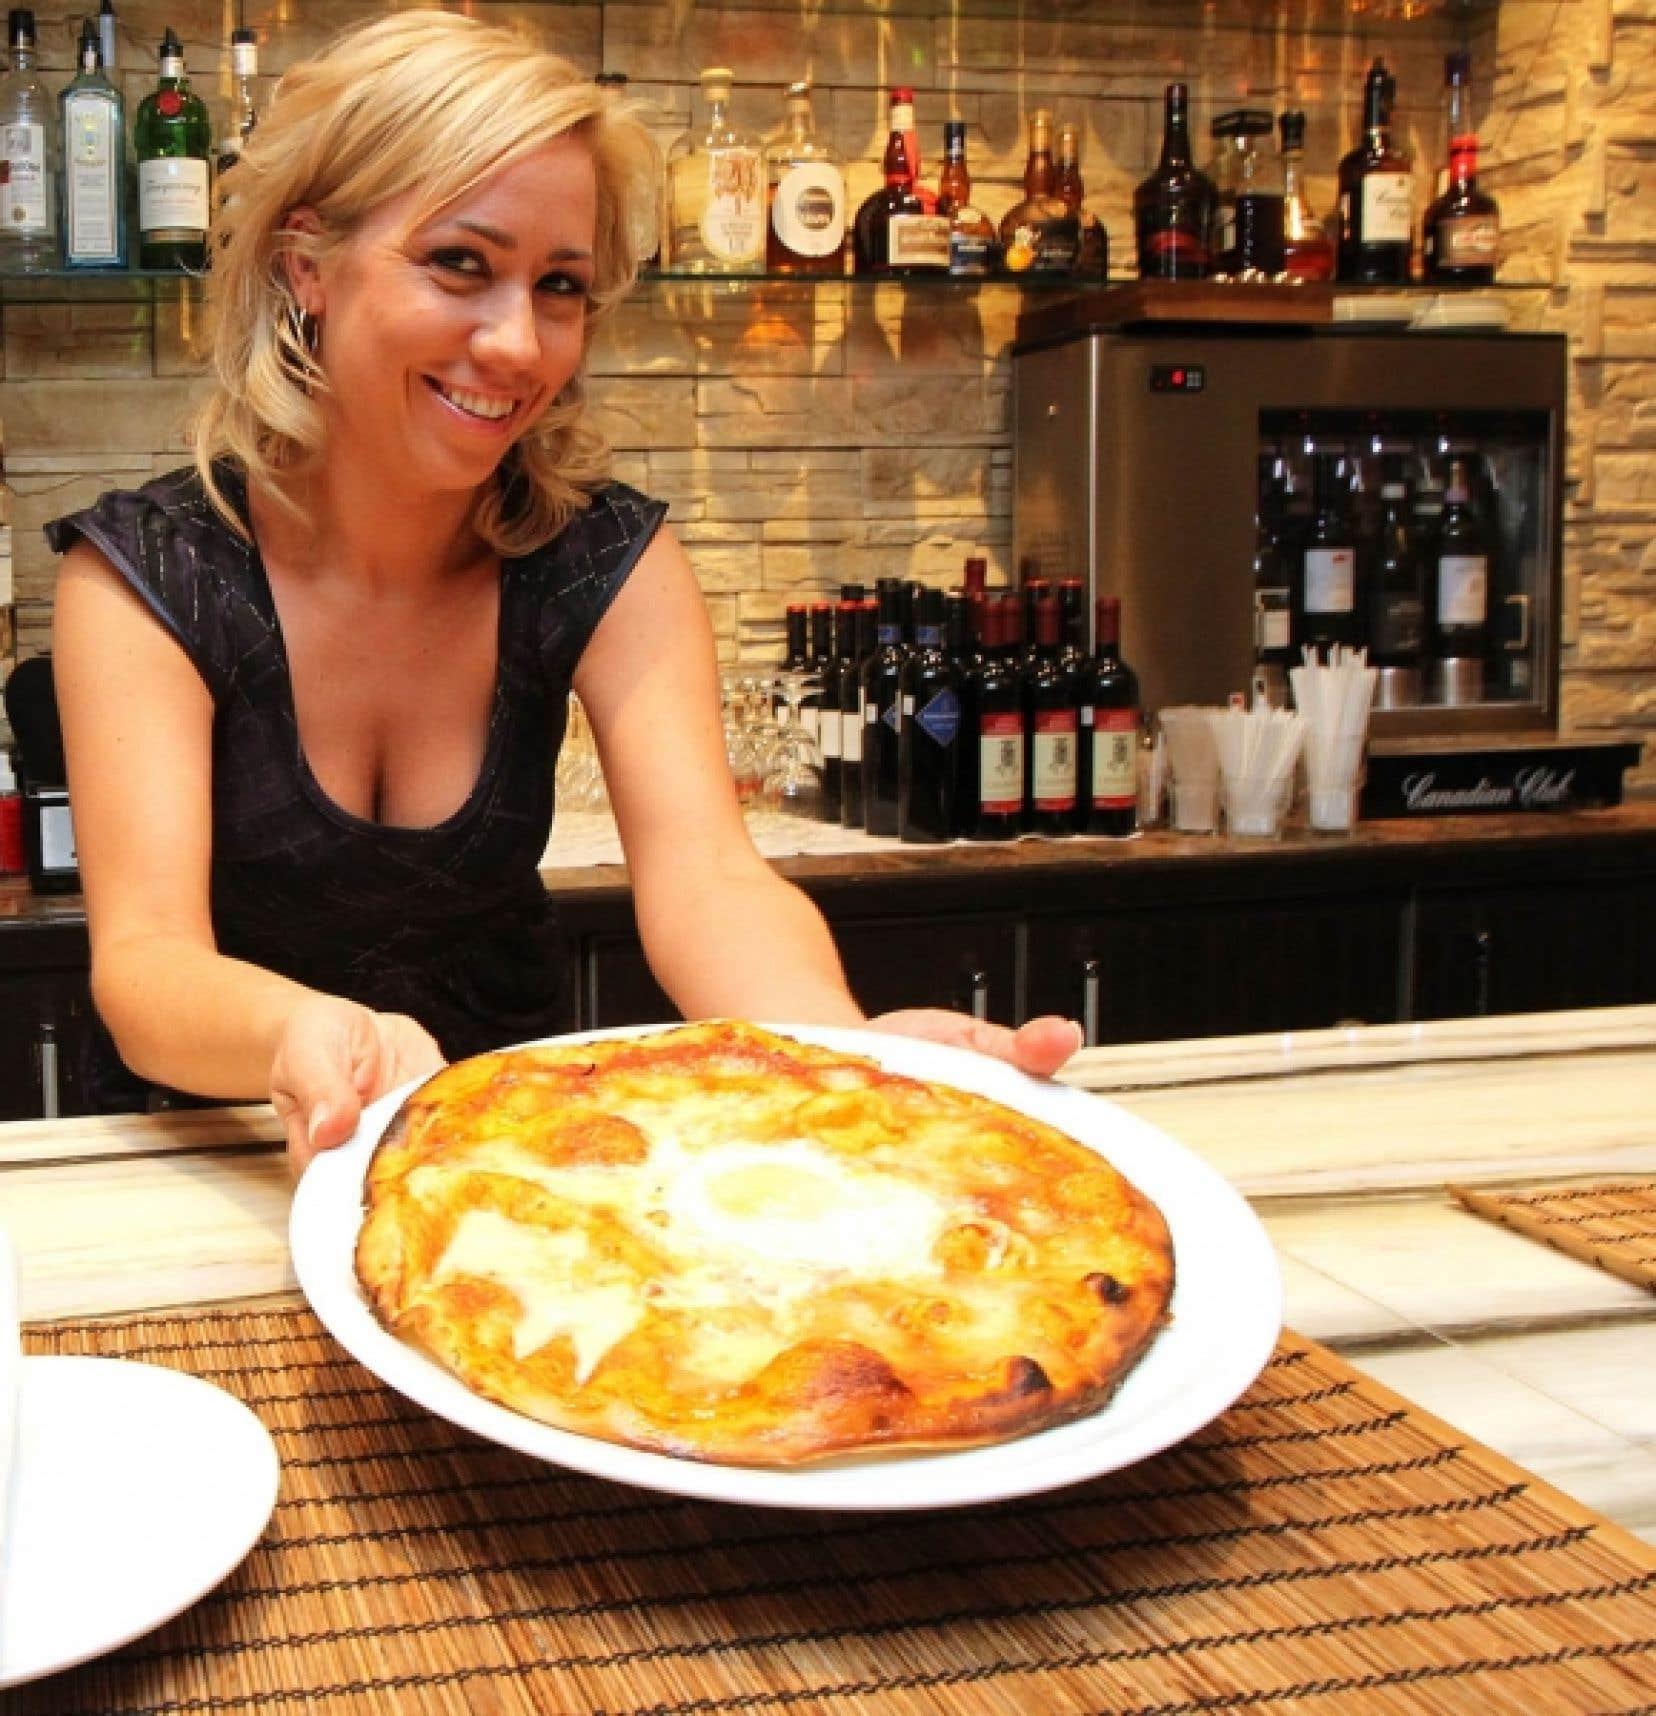 La copropriétaire de l'Arlequino, Marie-Ève Lalancette, sert la classique Cosenza, une pizza à pâte fine garnie d'une bonne sauce tomate, de fromage et d'un œuf encore mollet